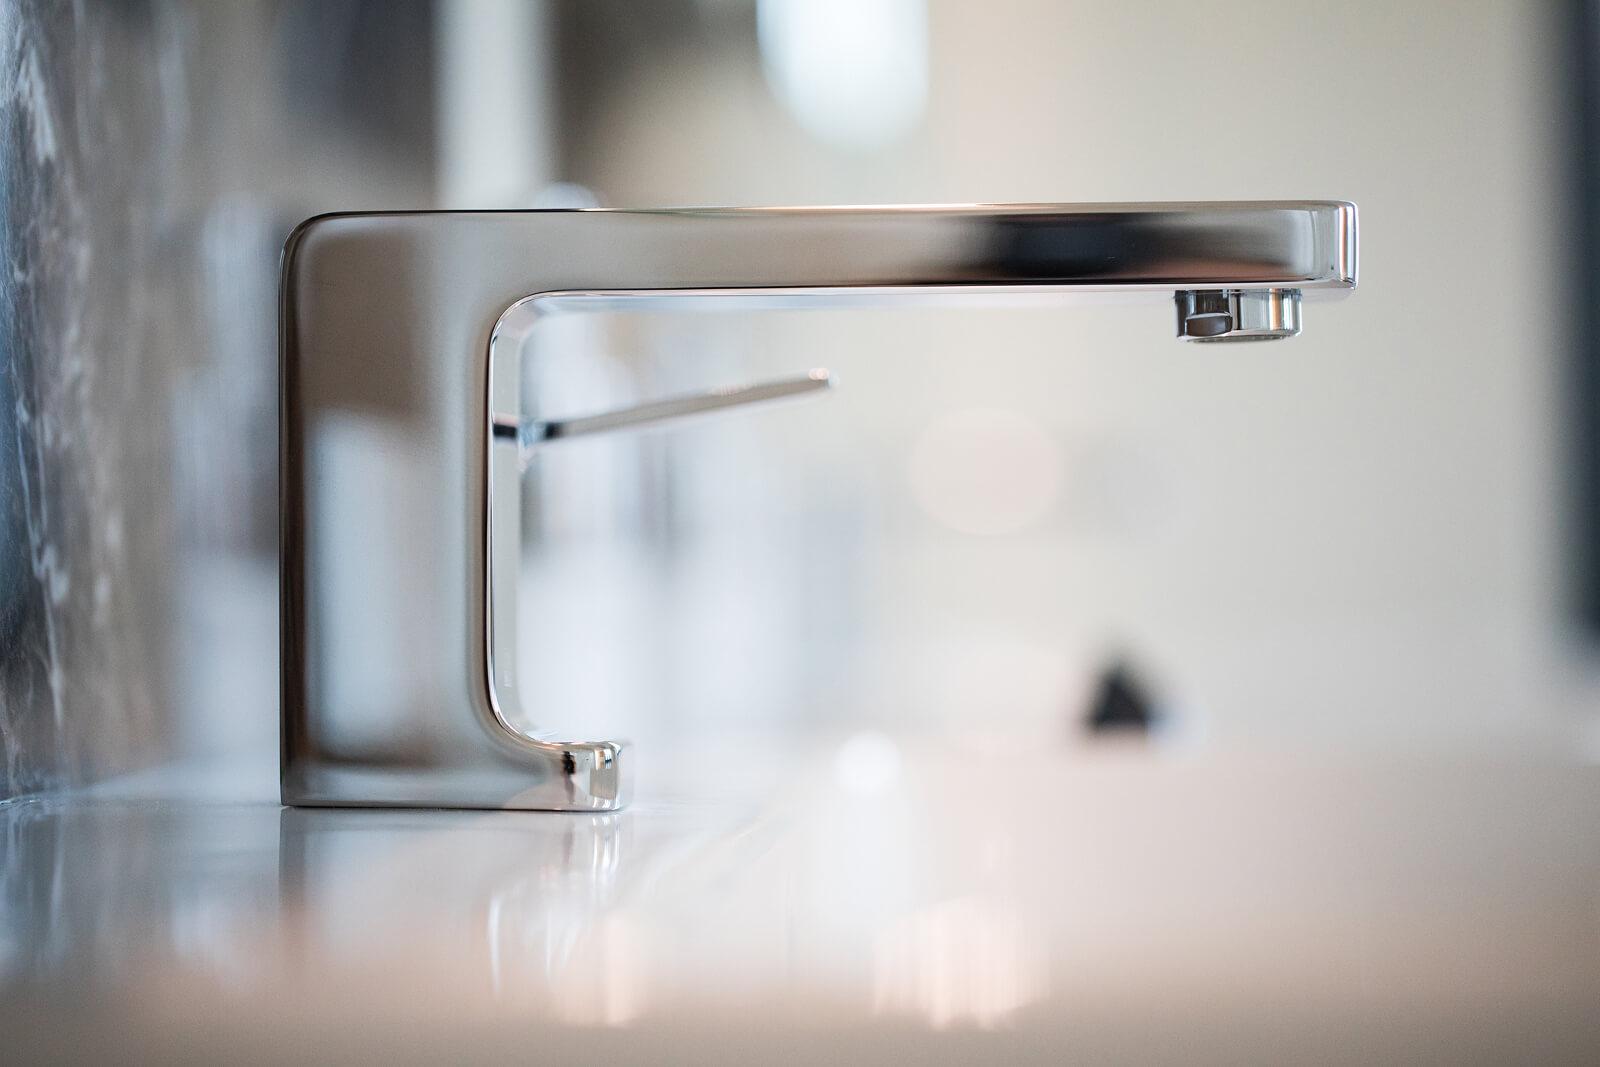 salon k�pielowy anna buczny projektowanie i aranżacja wnętrz